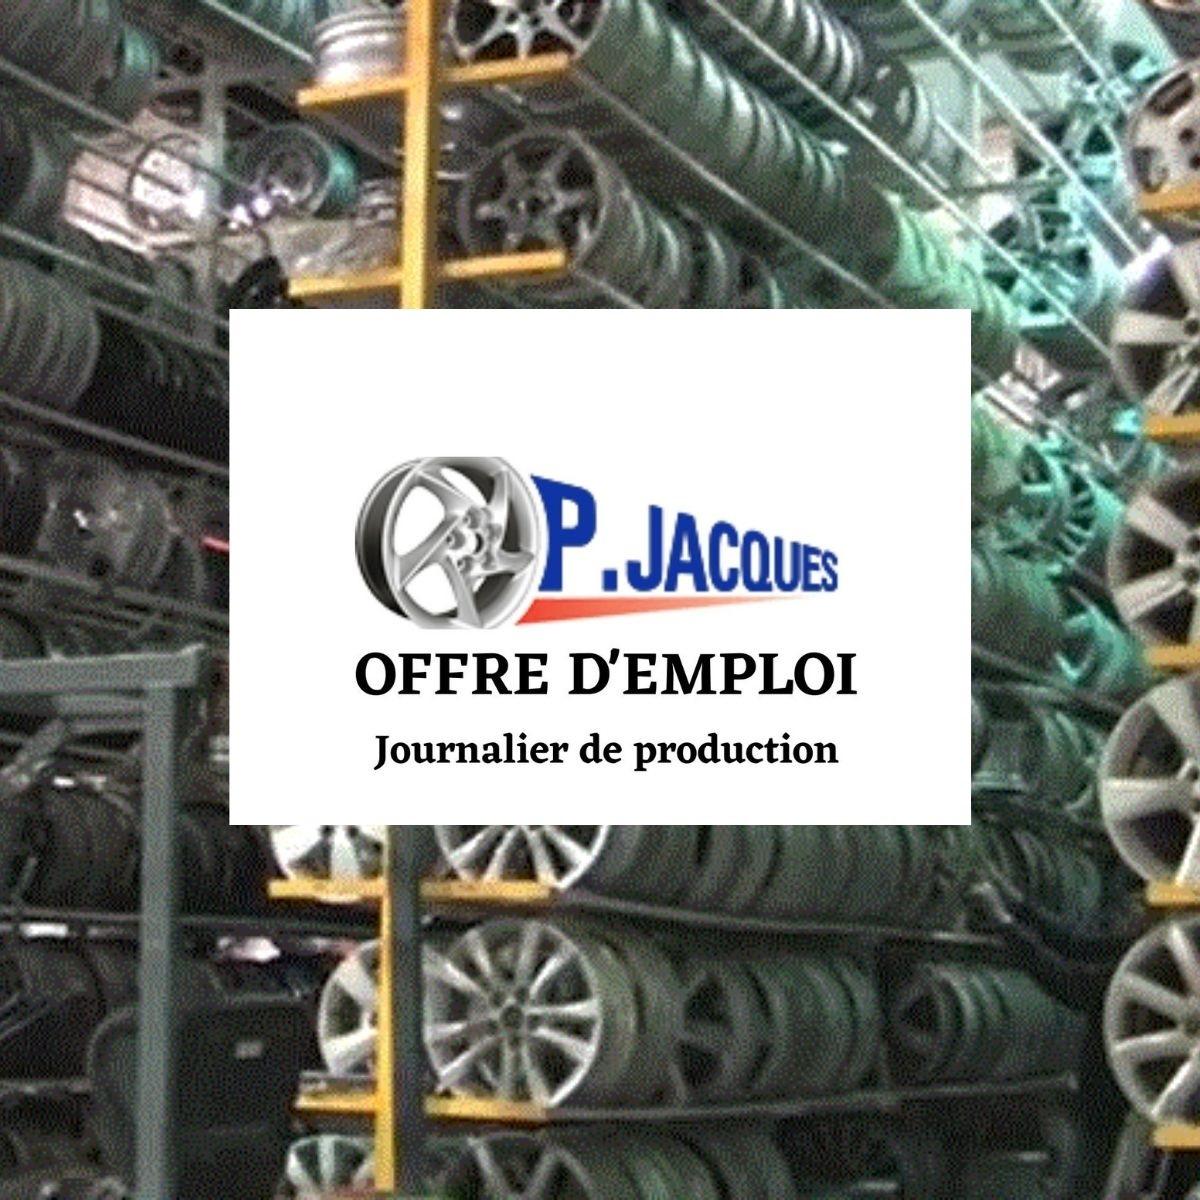 Journalier(ère) de production